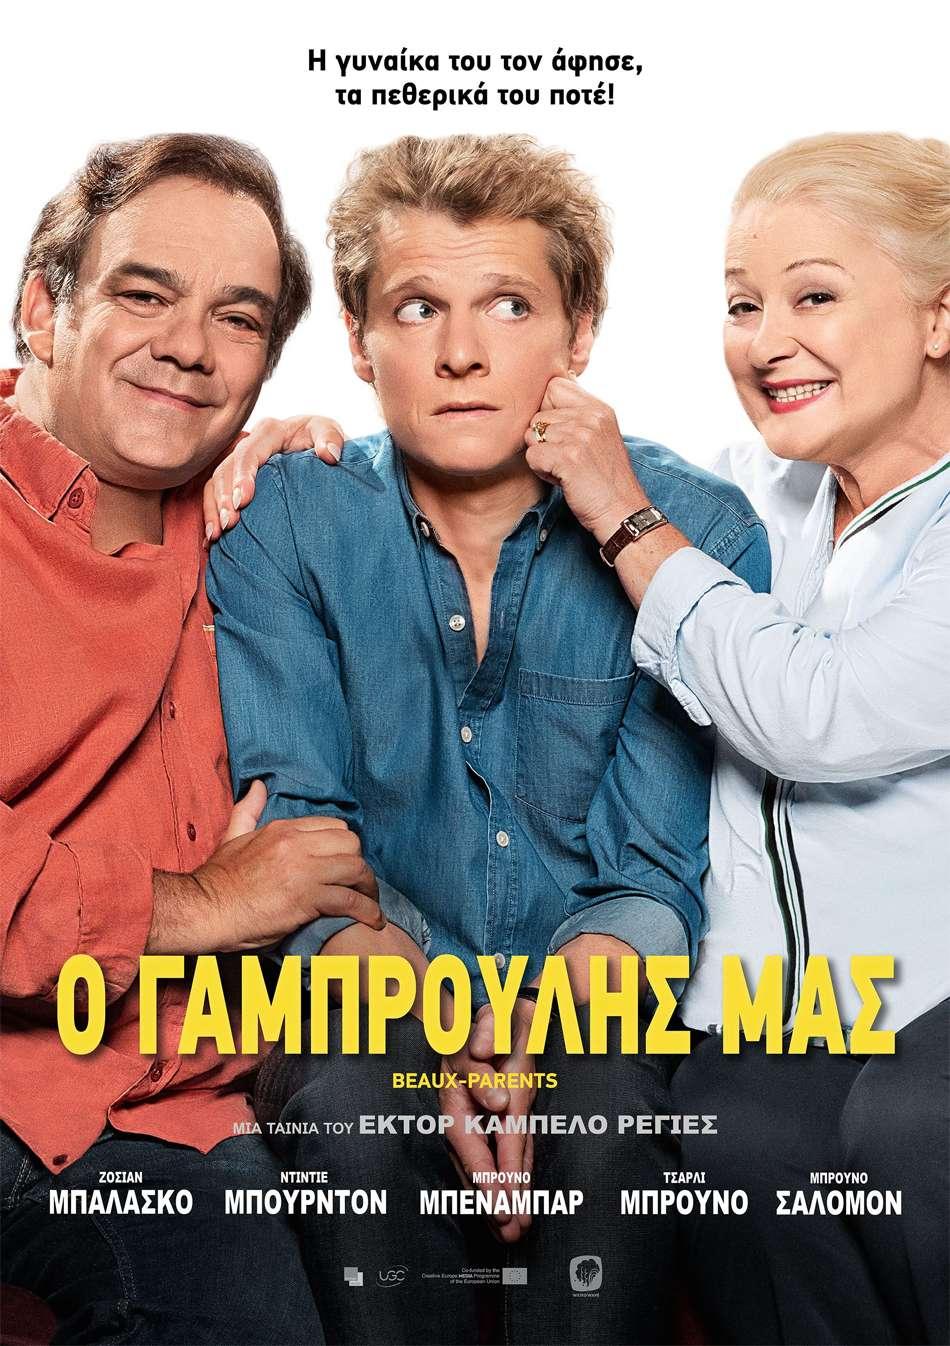 Ο Γαμπρούλης Μας (Beaux-parents) Poster